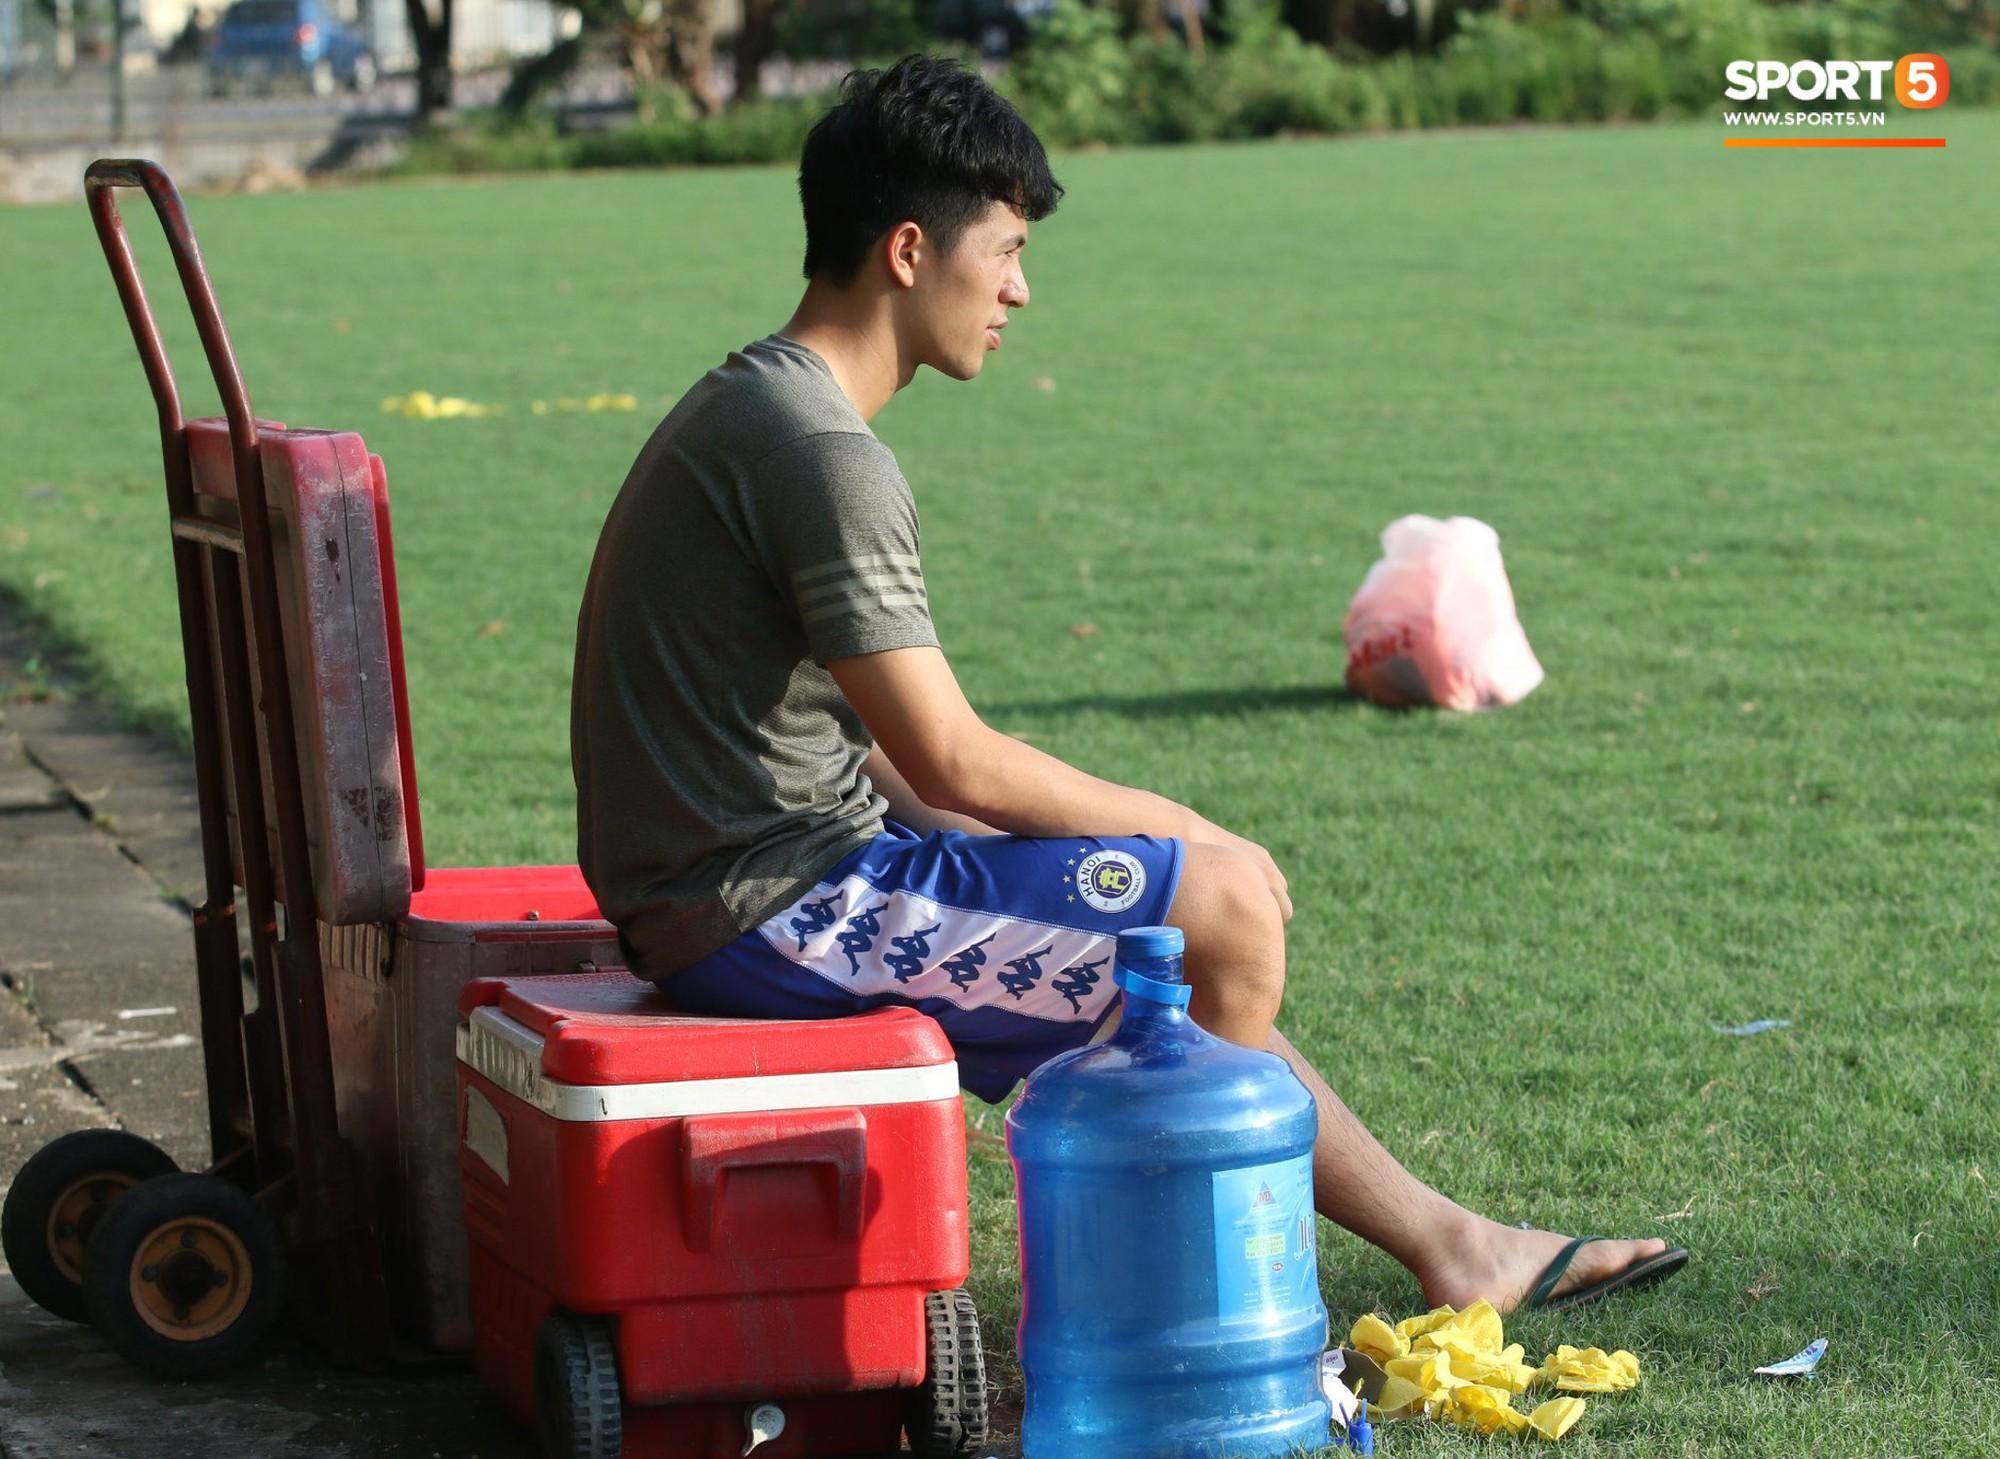 Đình Trọng xem đồng đội tập luyện, làm việc vặt giết thời gian trong khi chờ sang Singapore phẫu thuật - Ảnh 1.